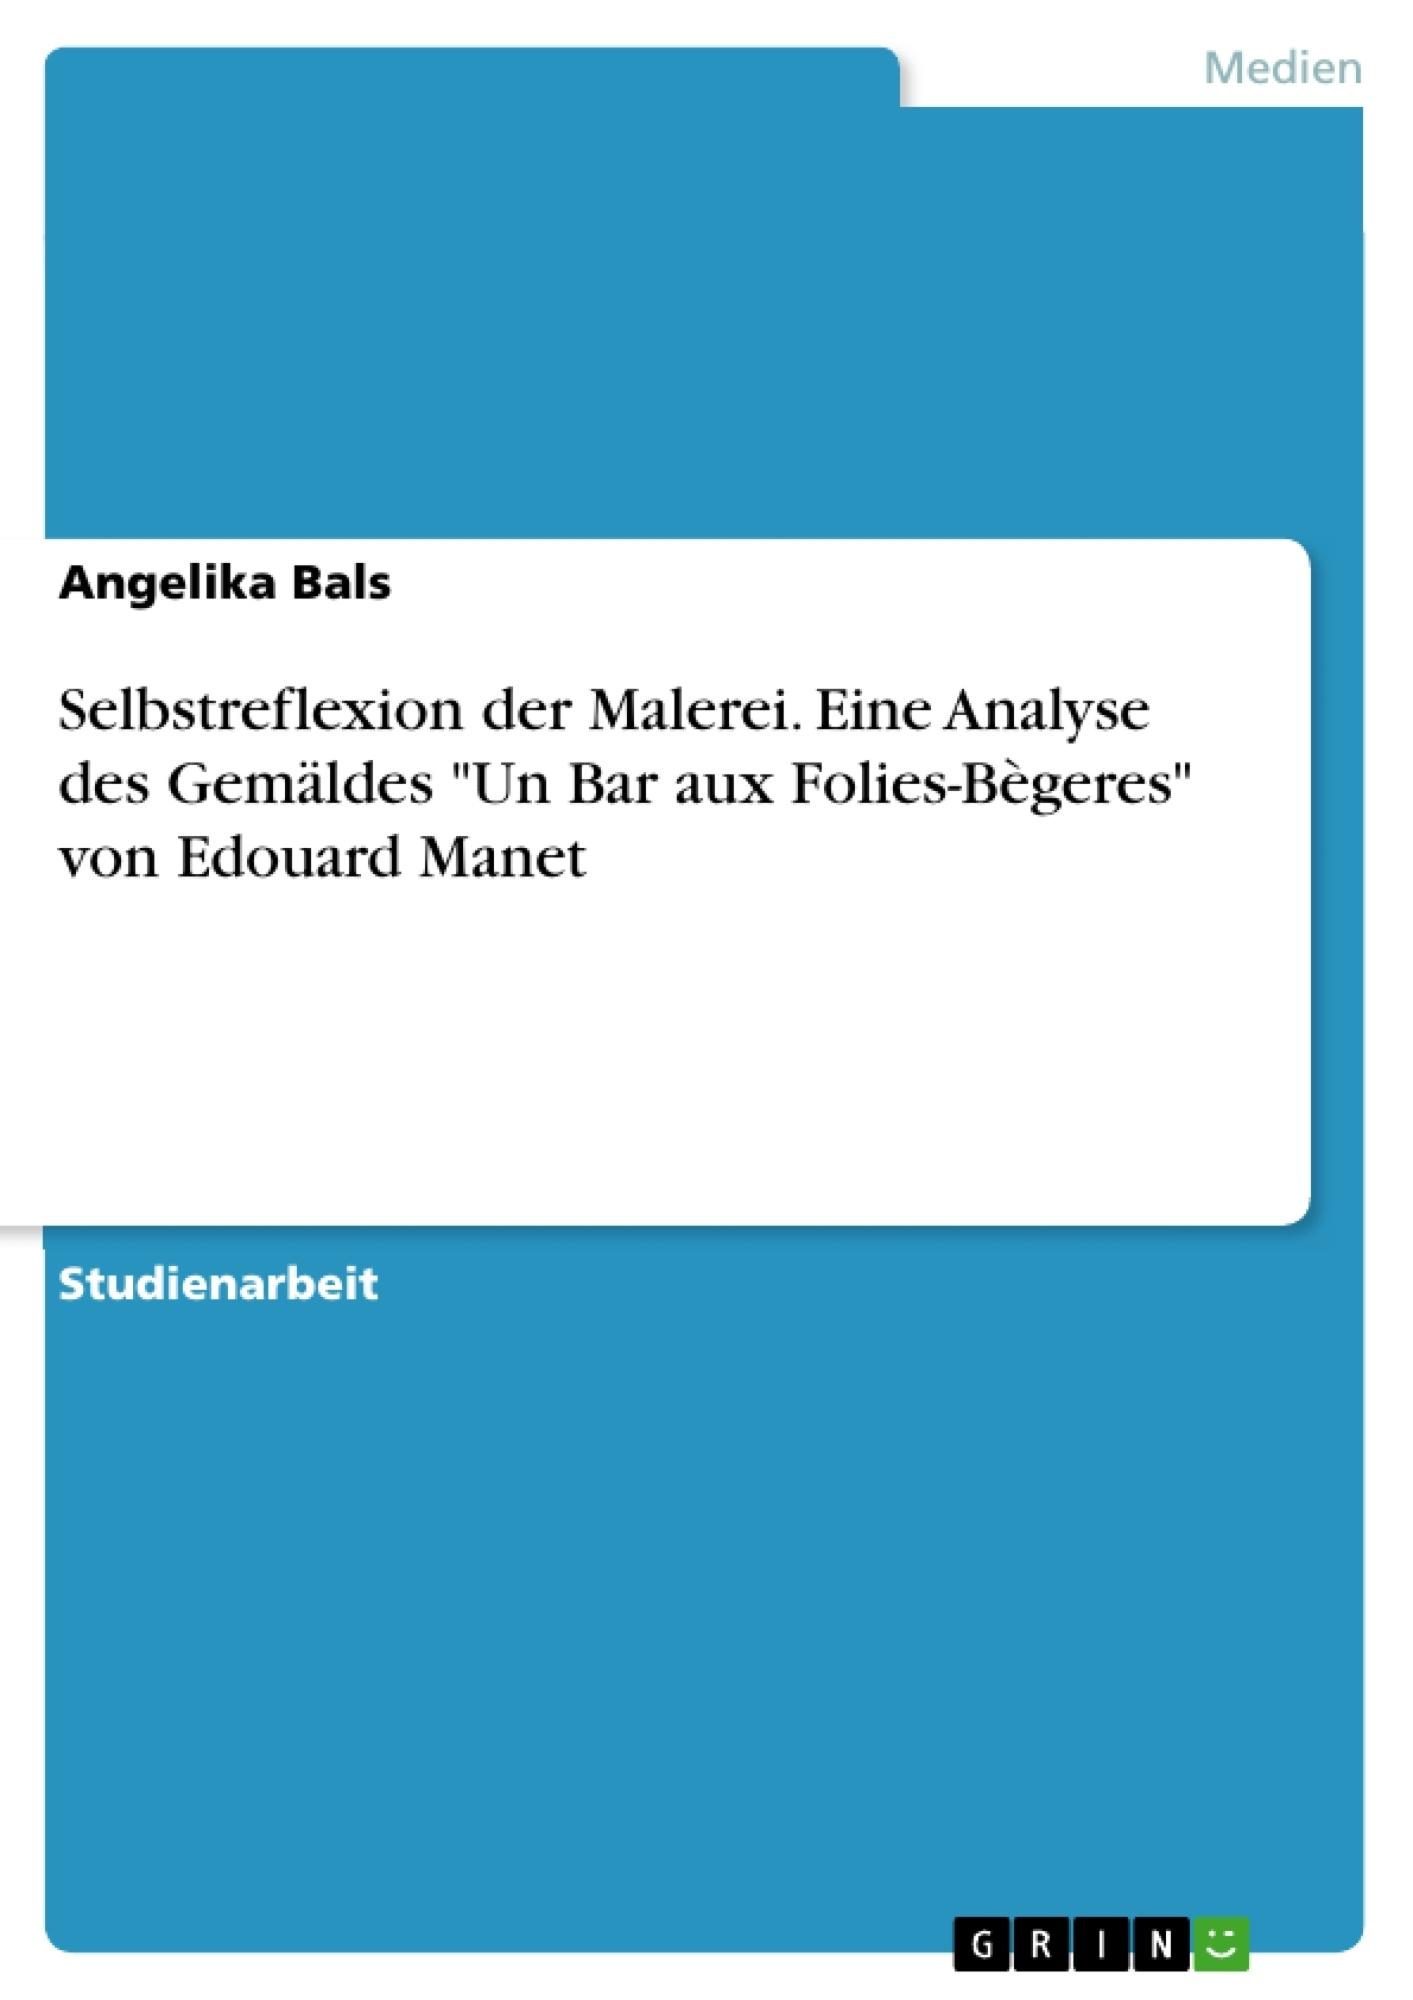 """Titel: Selbstreflexion der Malerei. Eine Analyse des Gemäldes """"Un Bar aux Folies-Bègeres"""" von Edouard Manet"""